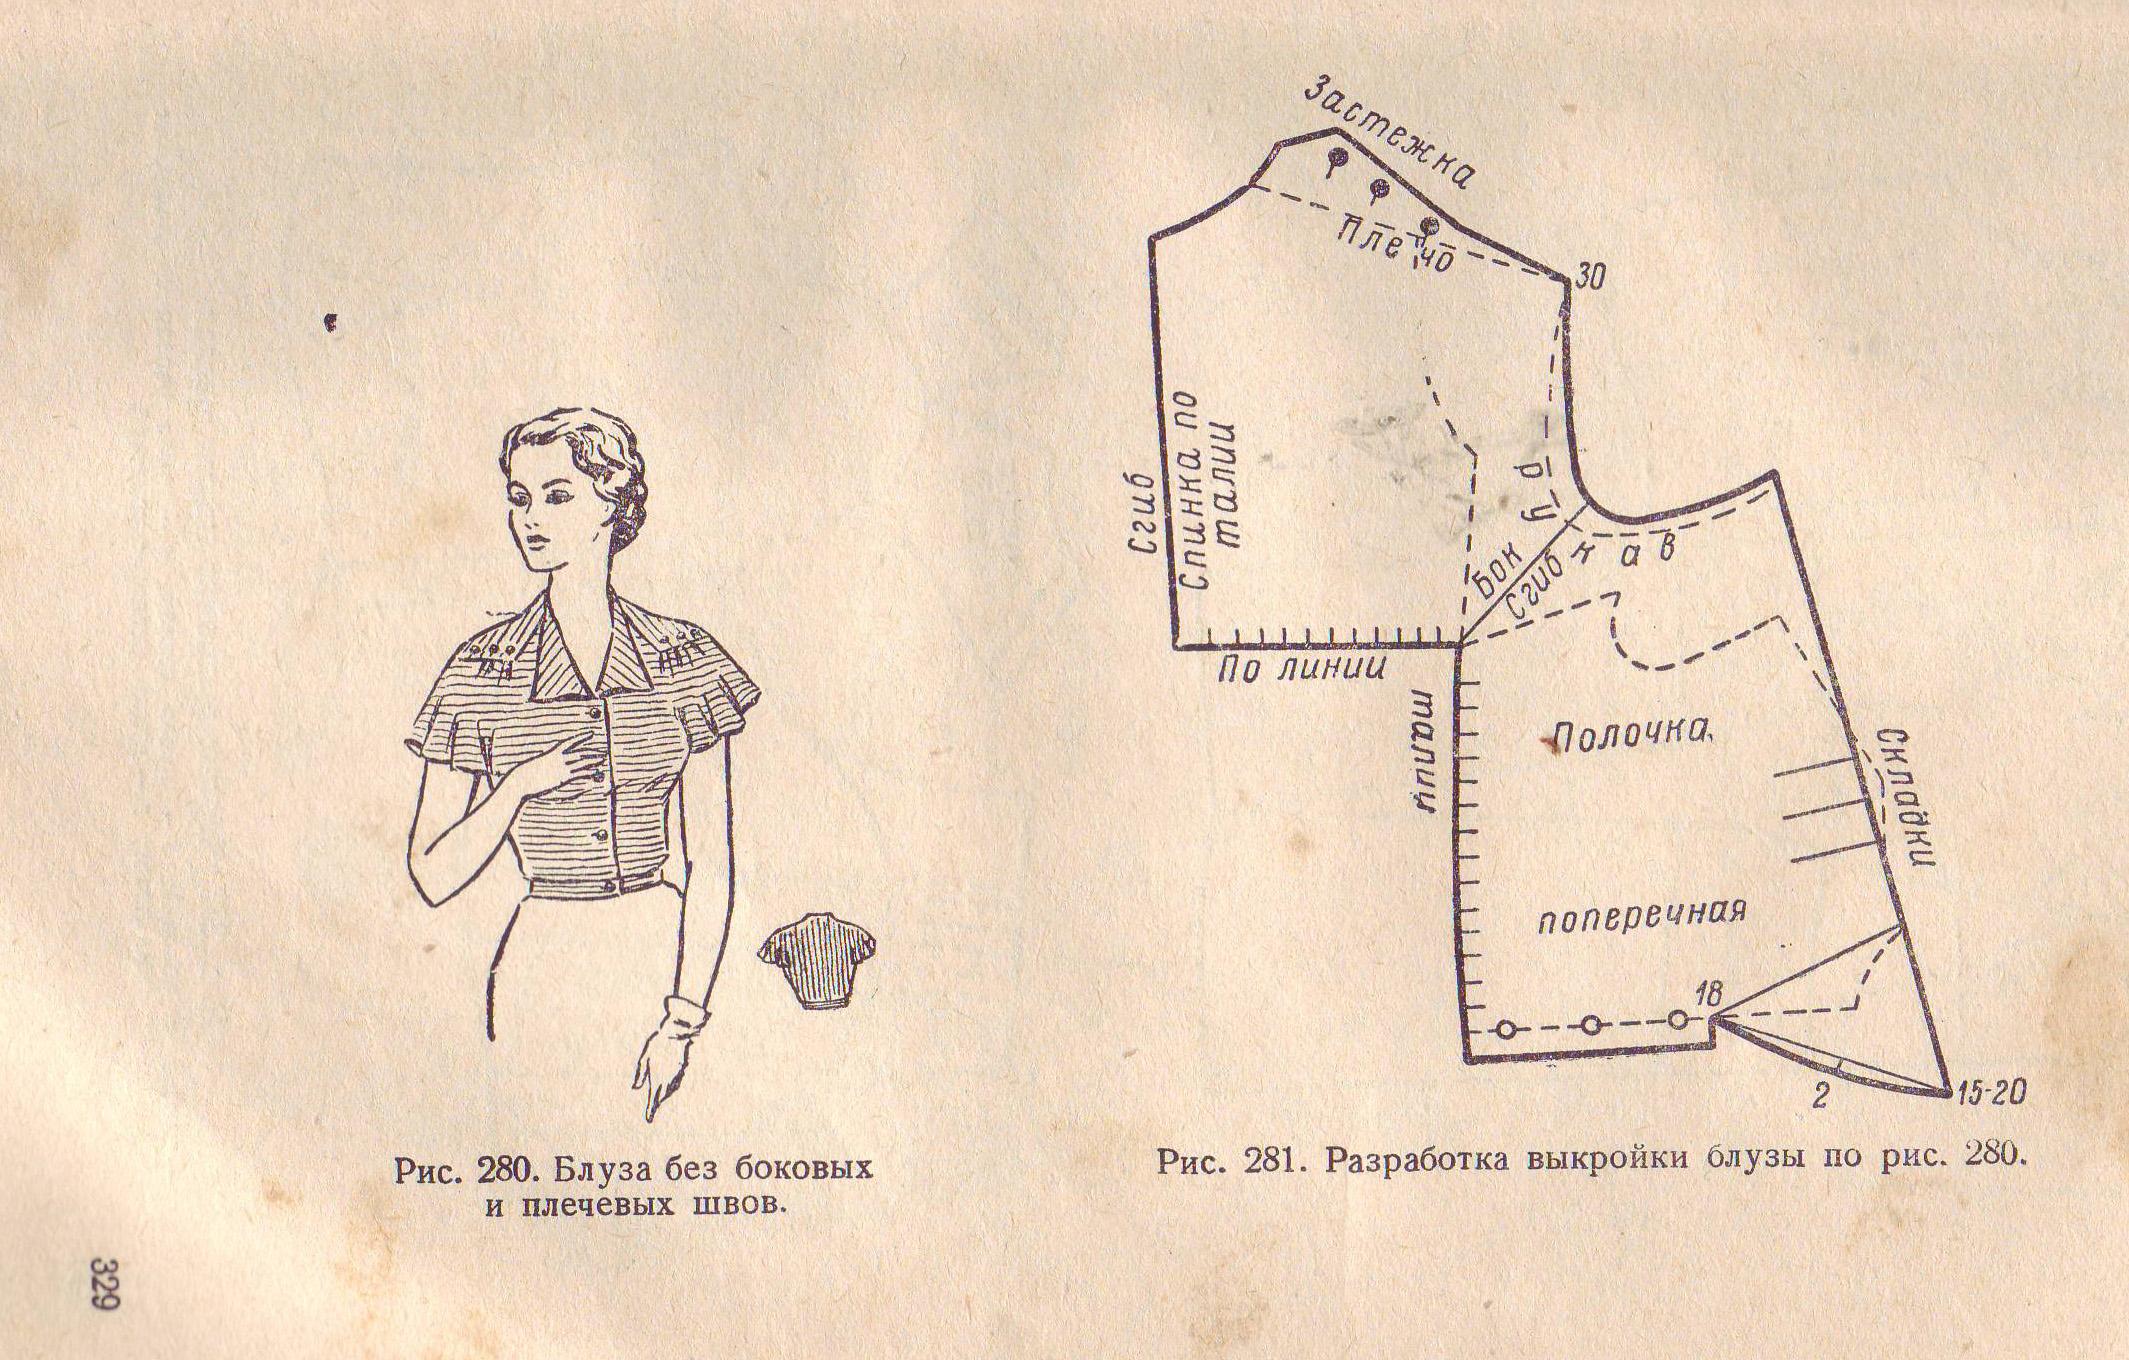 Как сделать абажур своими руками из ткани. Пошаговый мастер 50